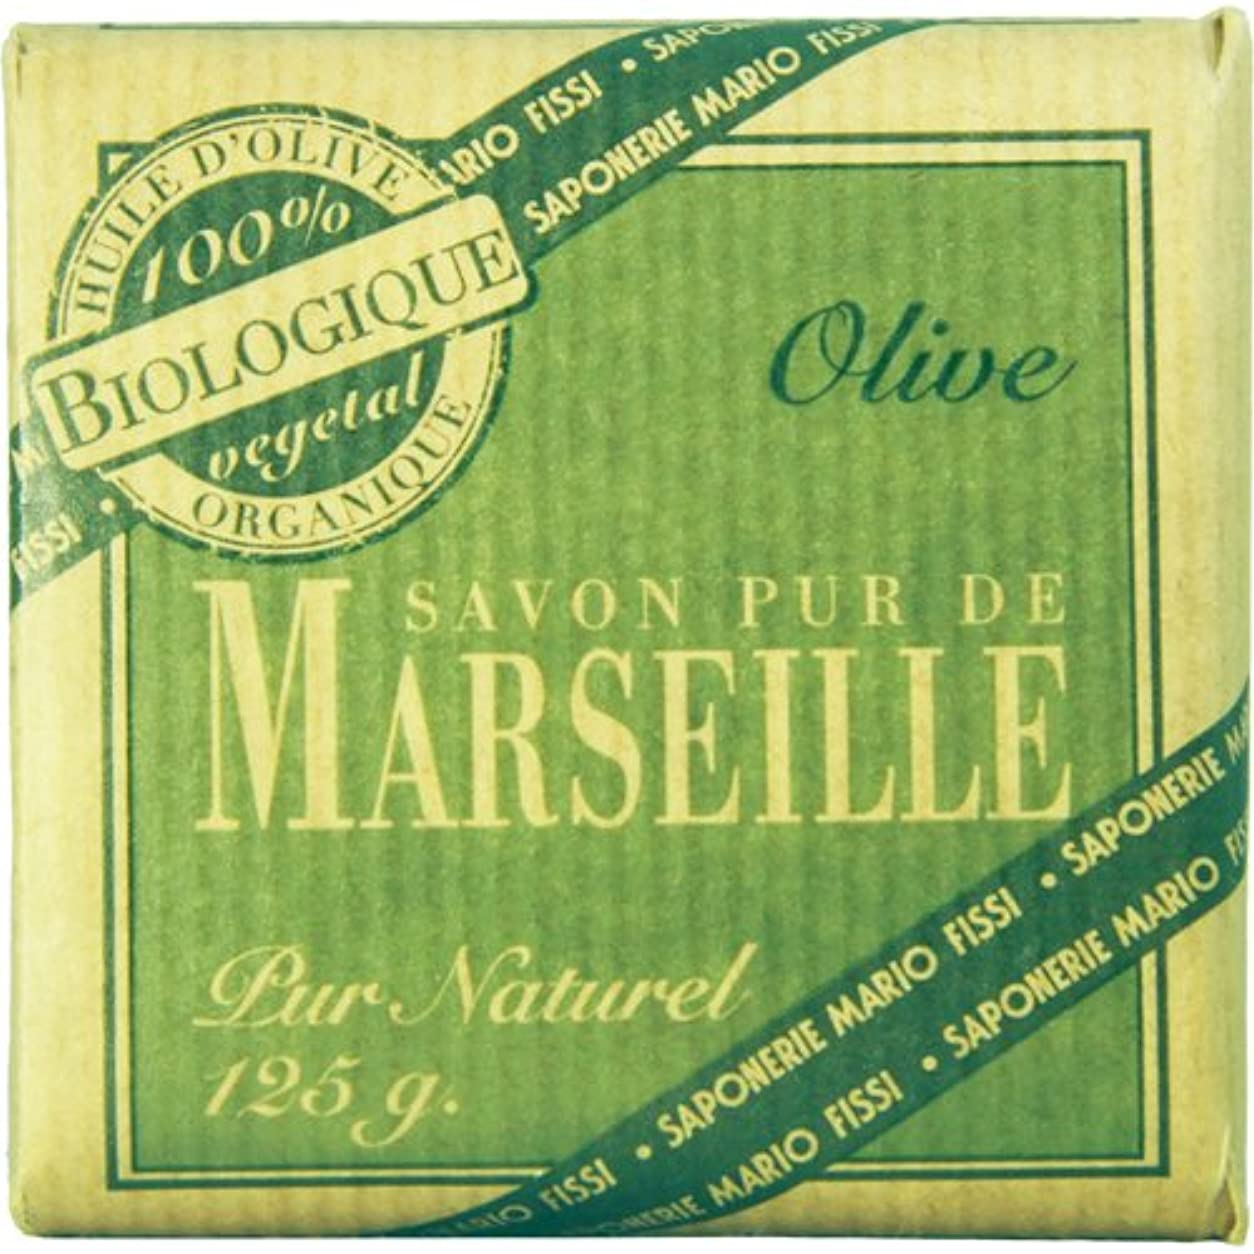 走る地雷原石炭Saponerire Fissi マルセイユシリーズ マルセイユソープ 125g Olive オリーブ